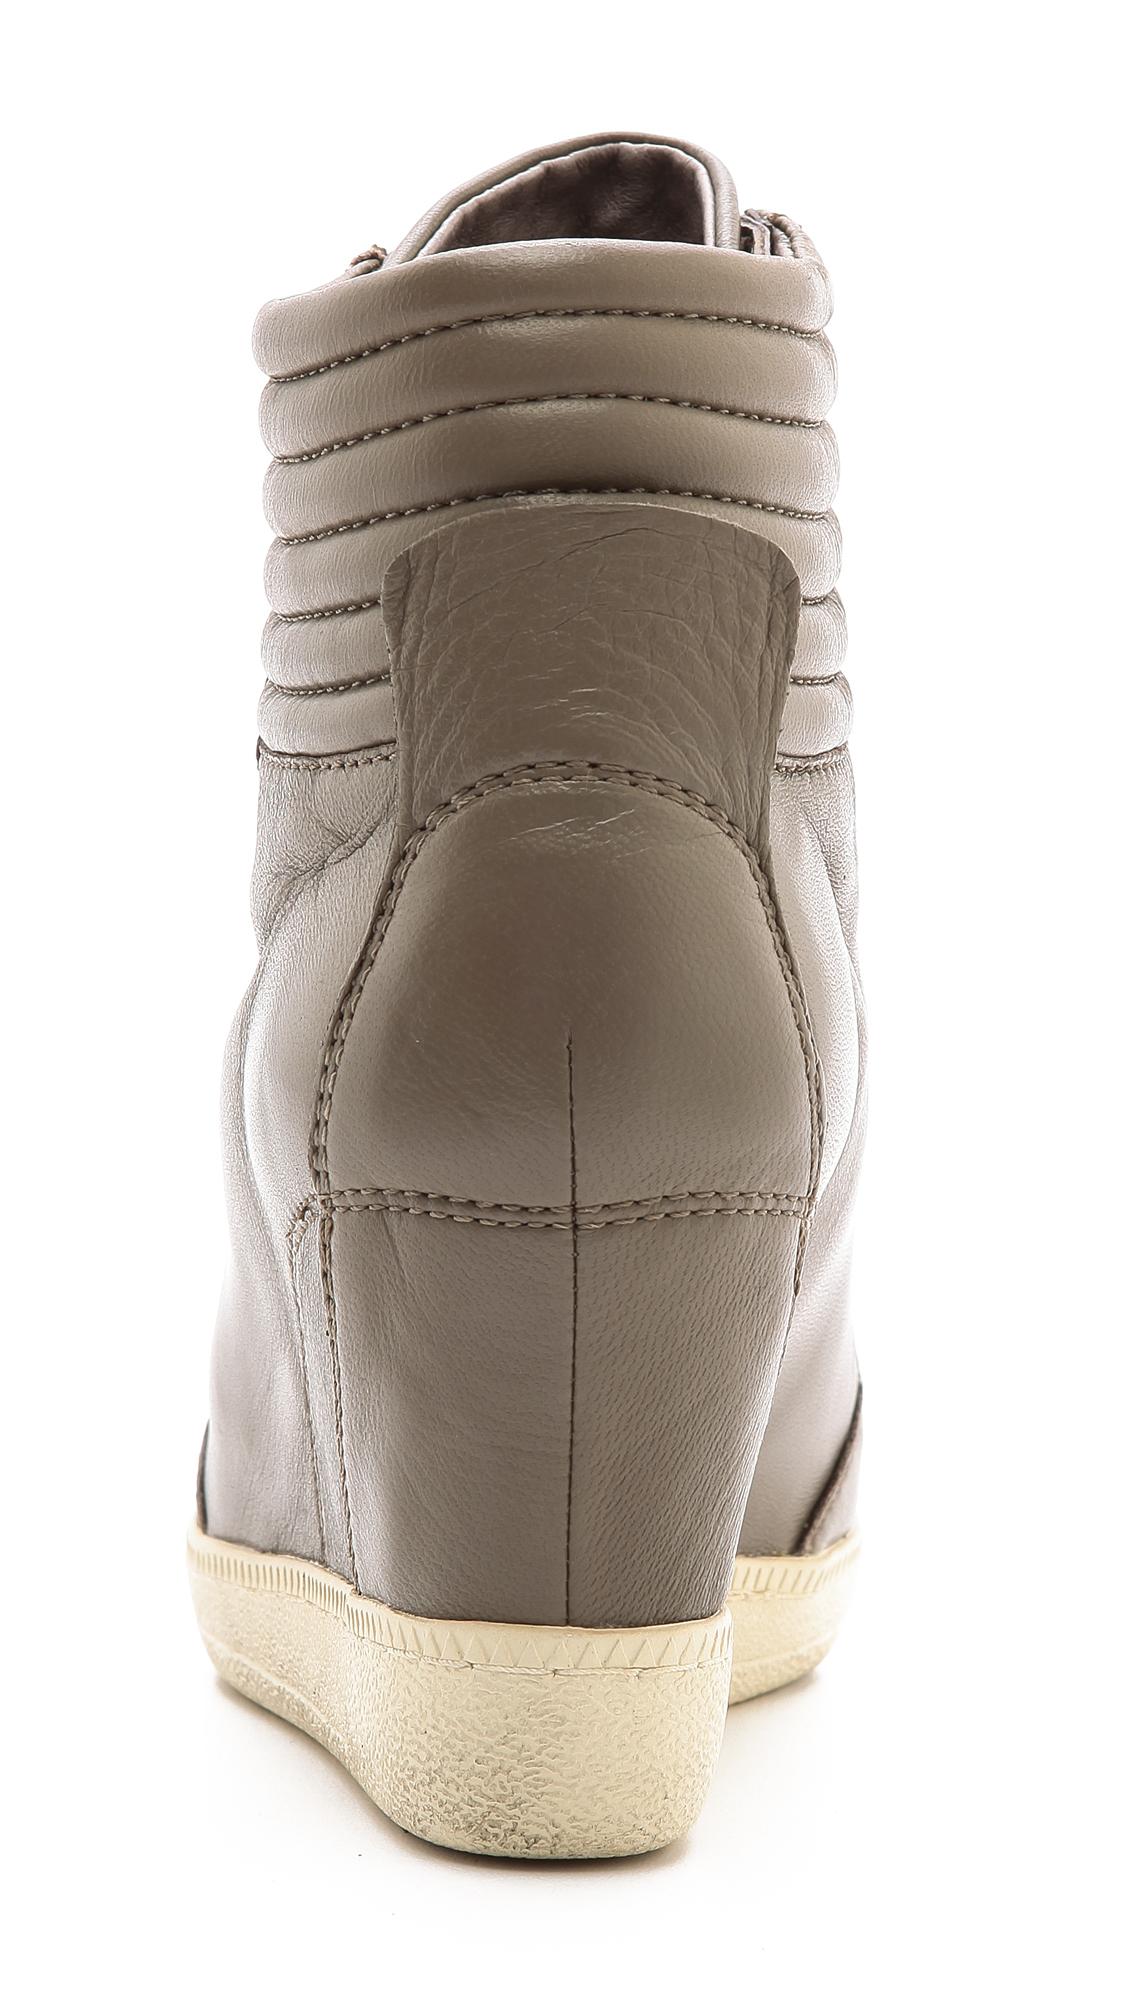 Ash Blade High Top Wedge Sneakers Black in Grey